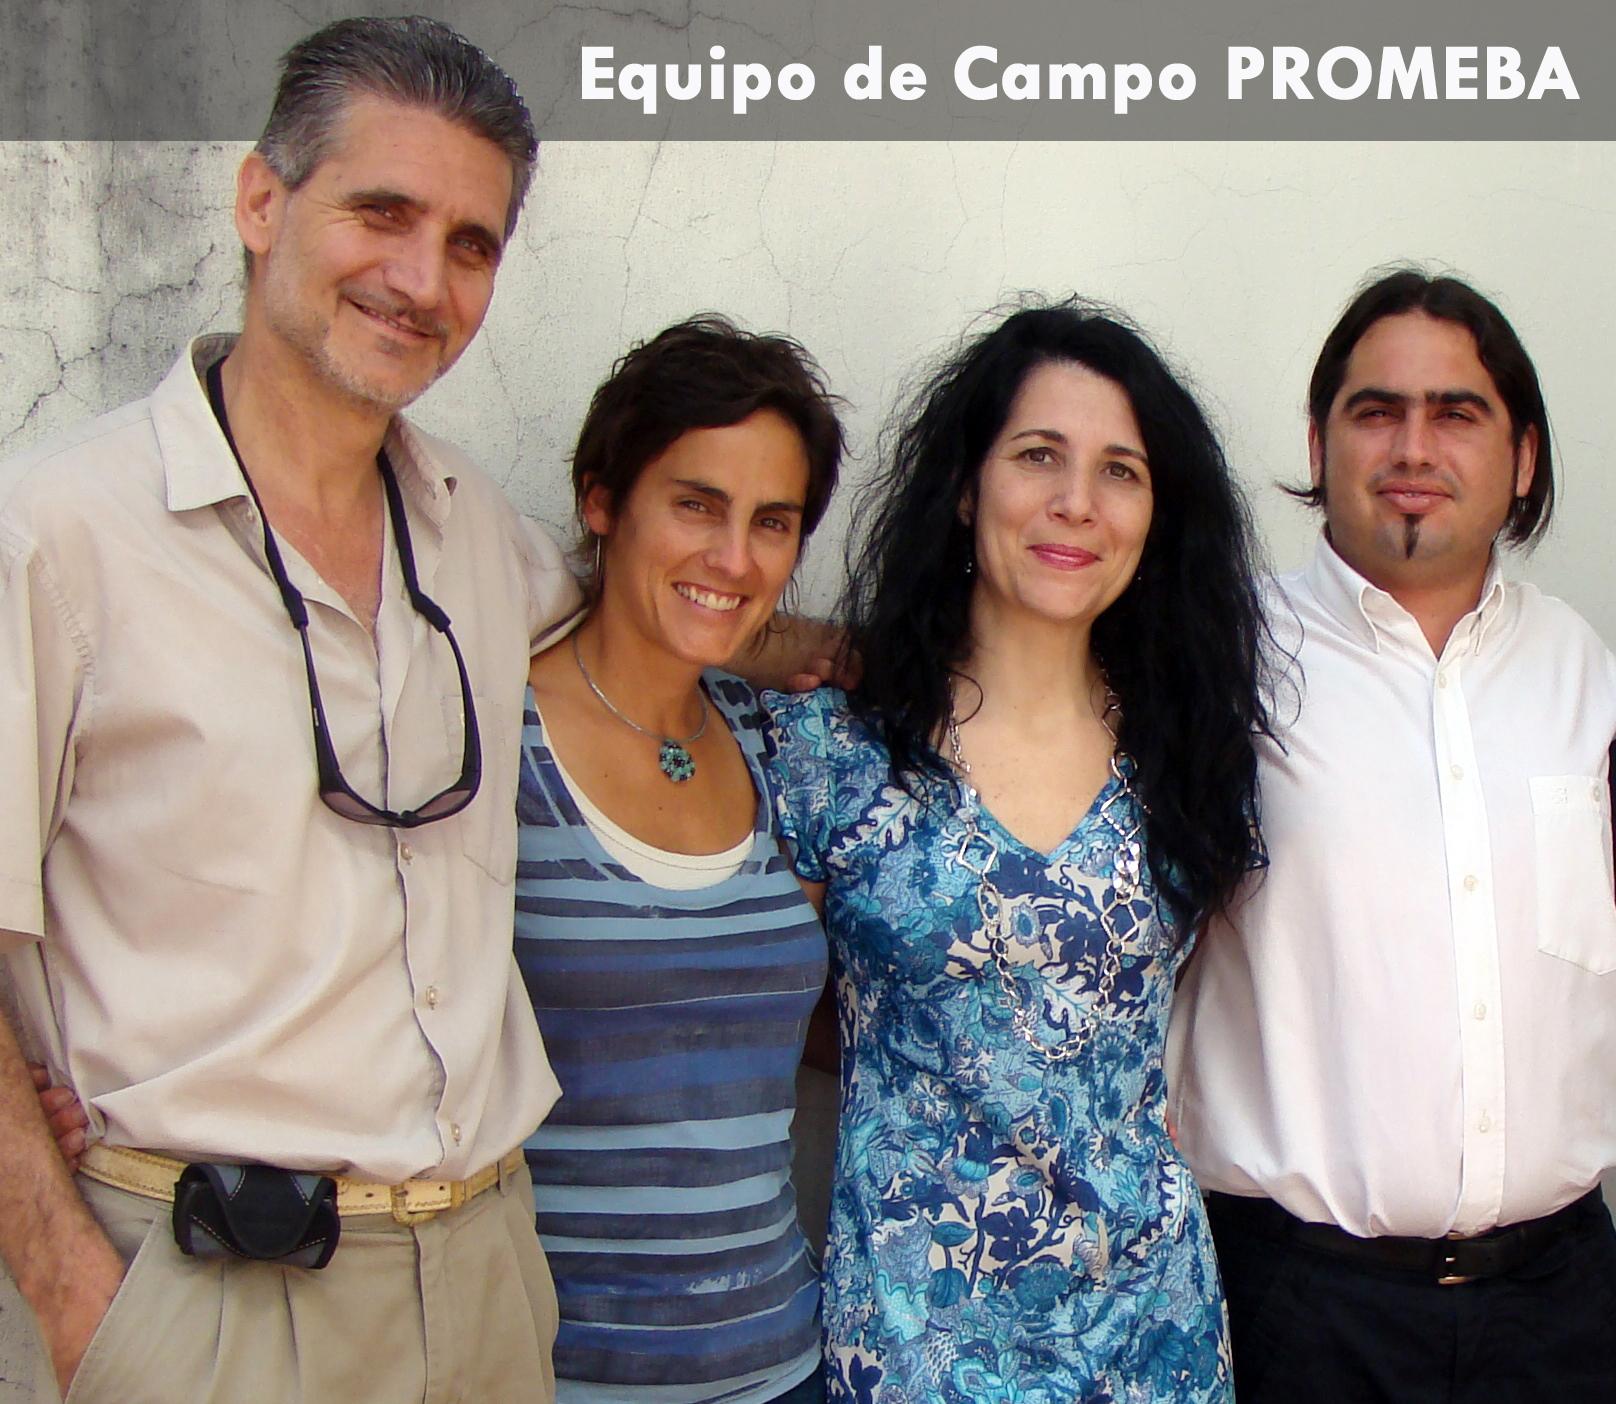 1. Equipo de Campo PROMEBA Barrio Peron